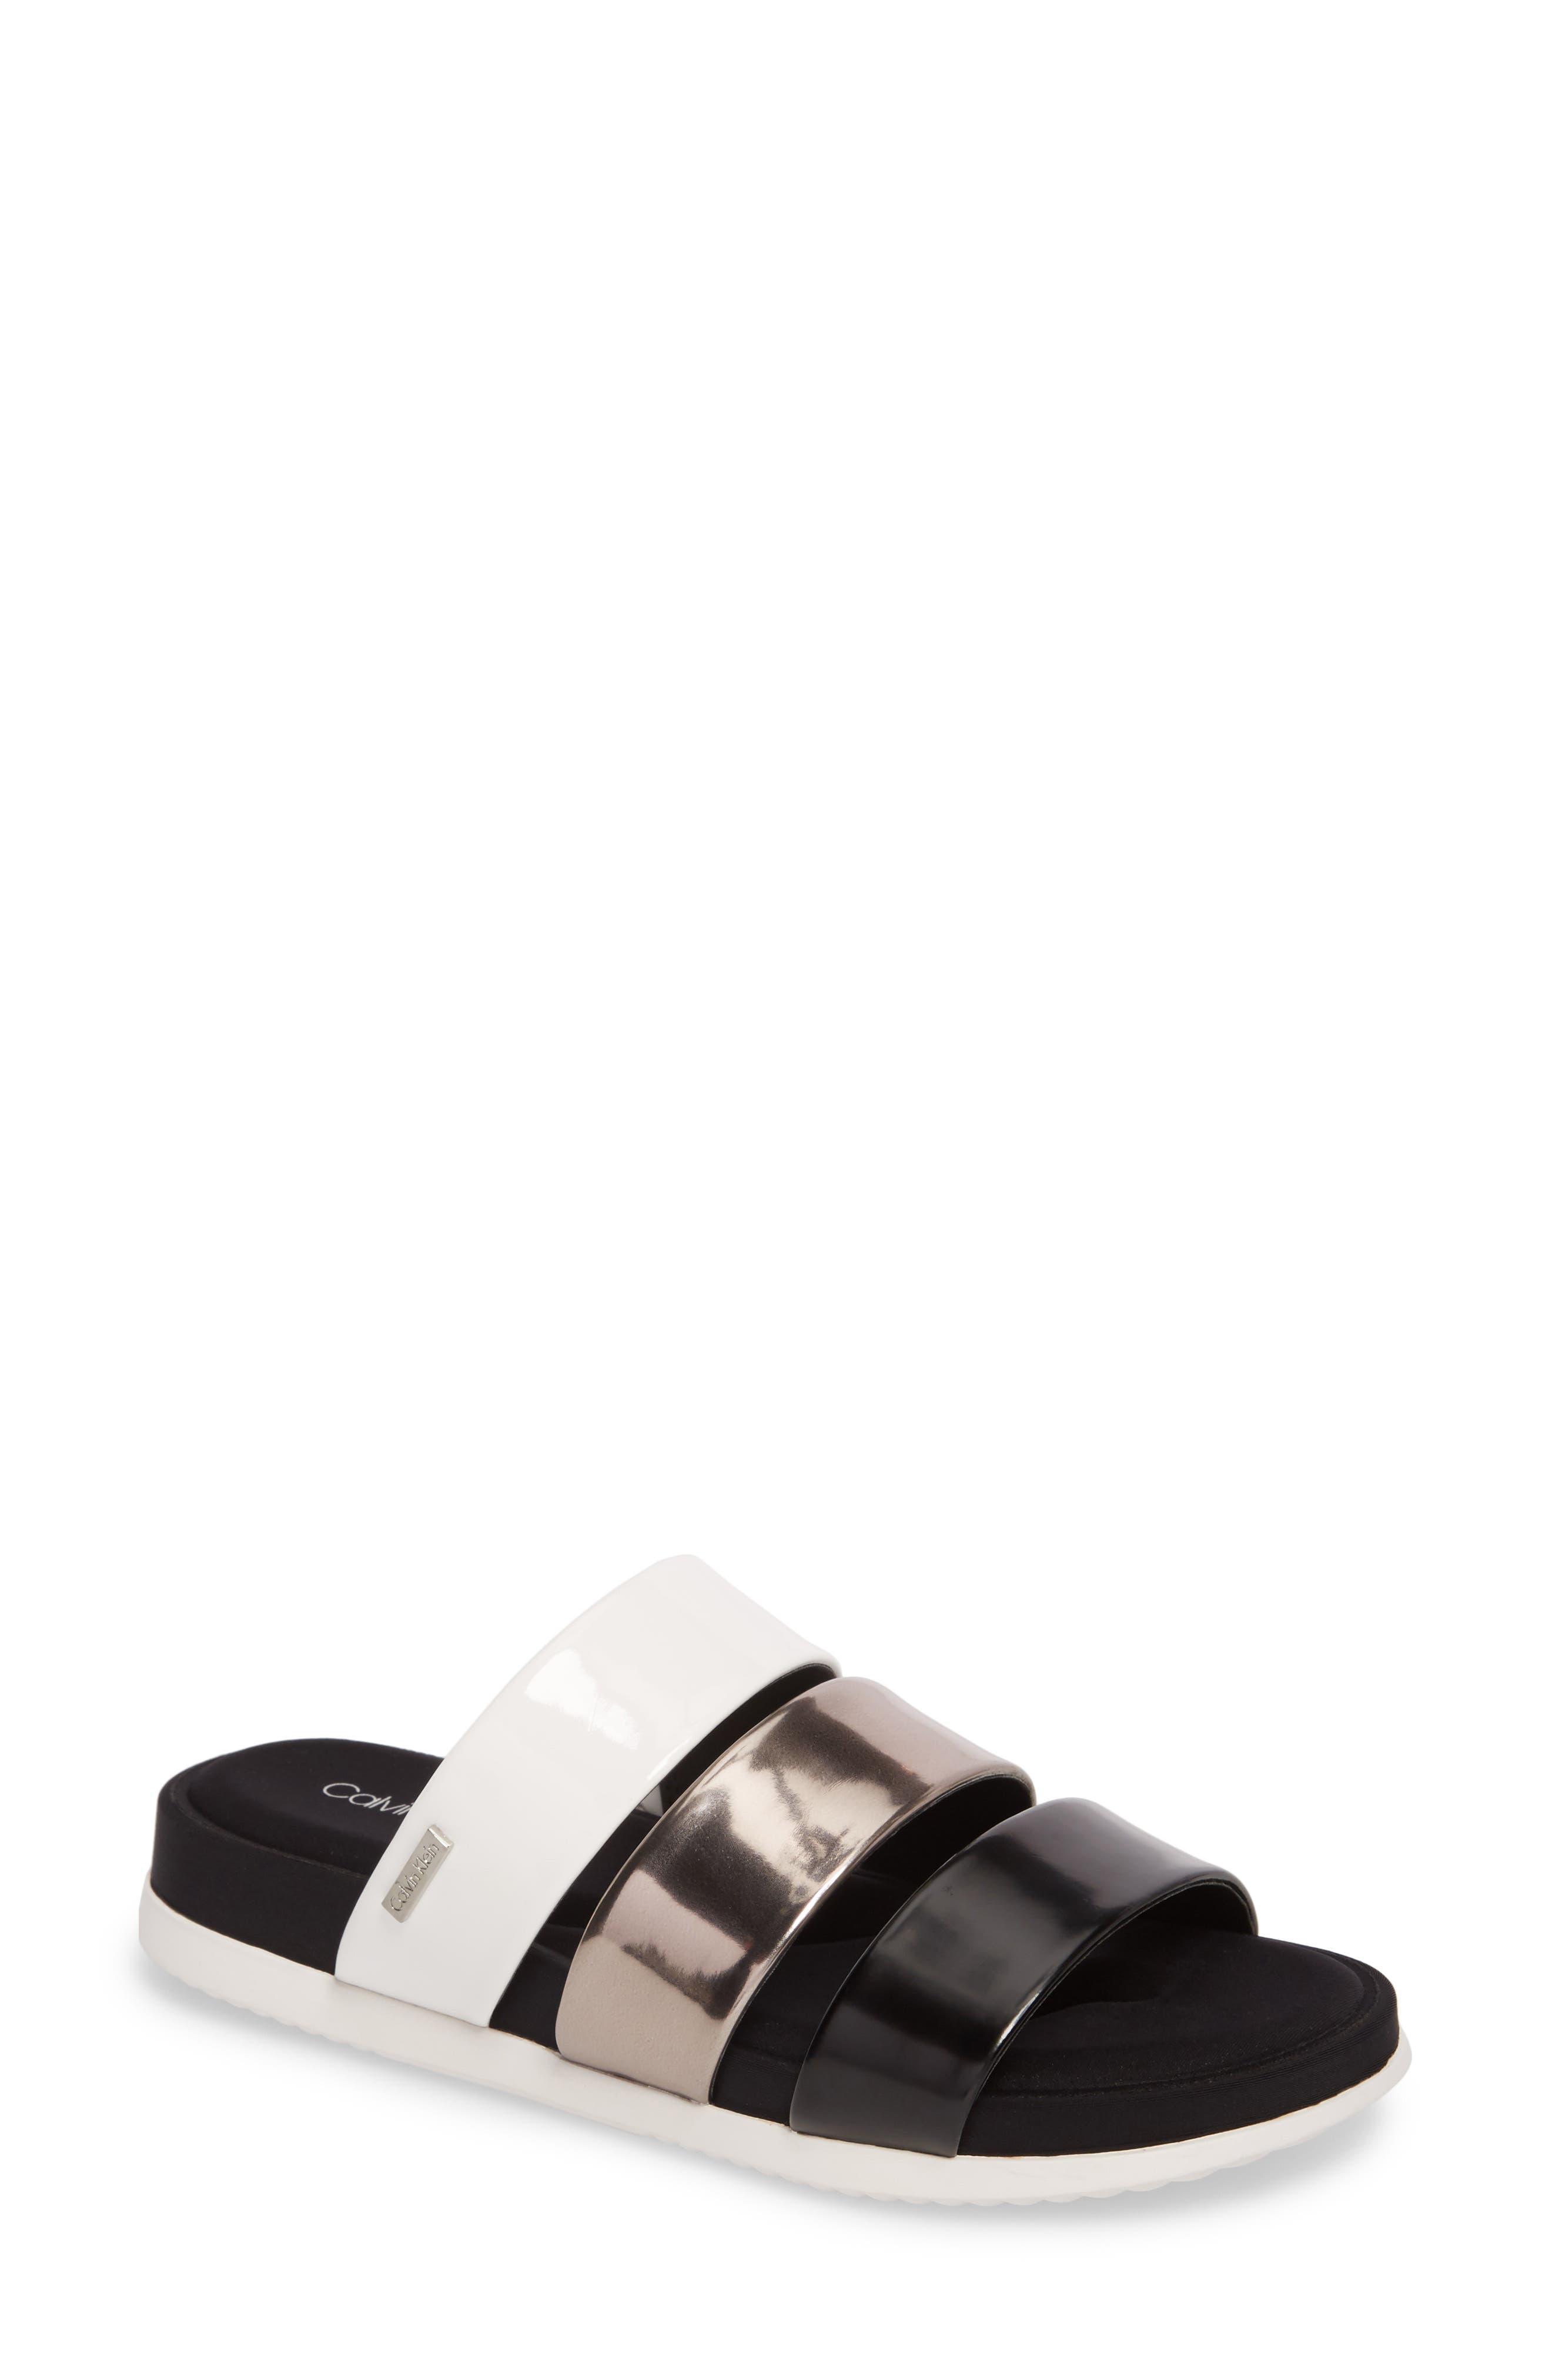 Dalana Slide Sandal,                             Main thumbnail 1, color,                             Black/ Pewter Faux Leather